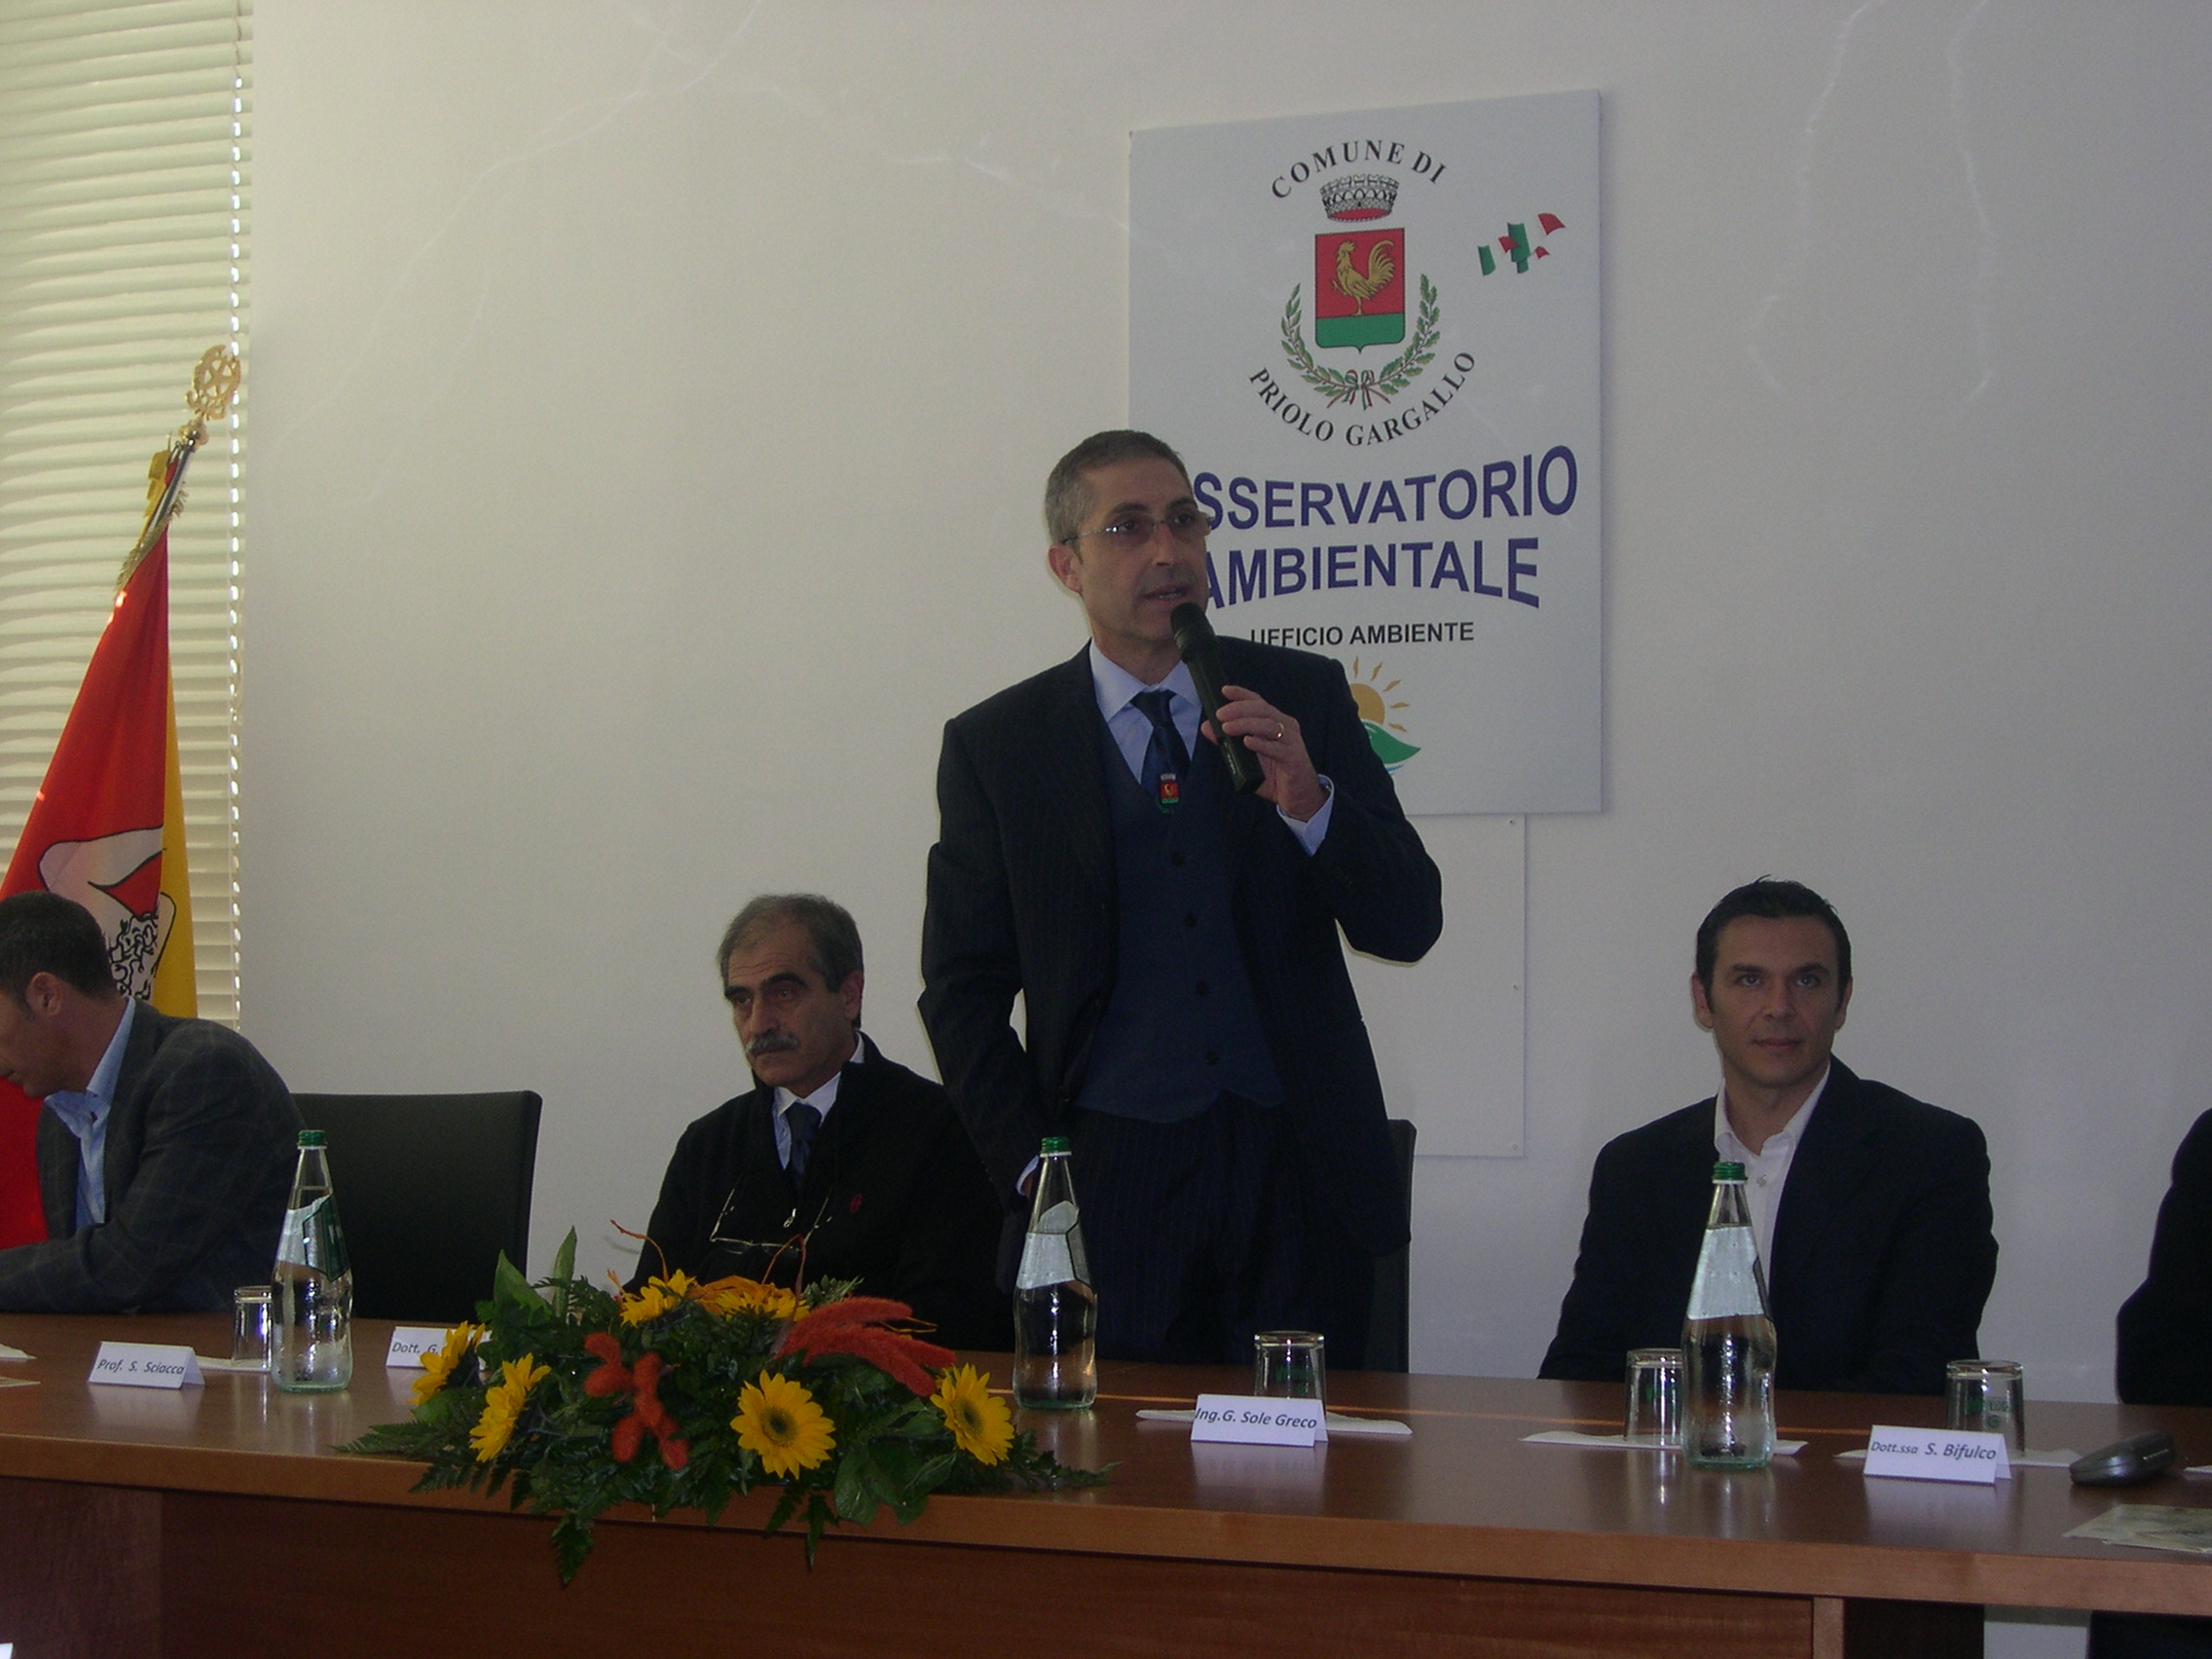 GESTIONE DEI RIFIUTI: PRIMO DEGLI IMPEGNI PREVISTI DALL'OSSERVATORIO AMBIENTALE